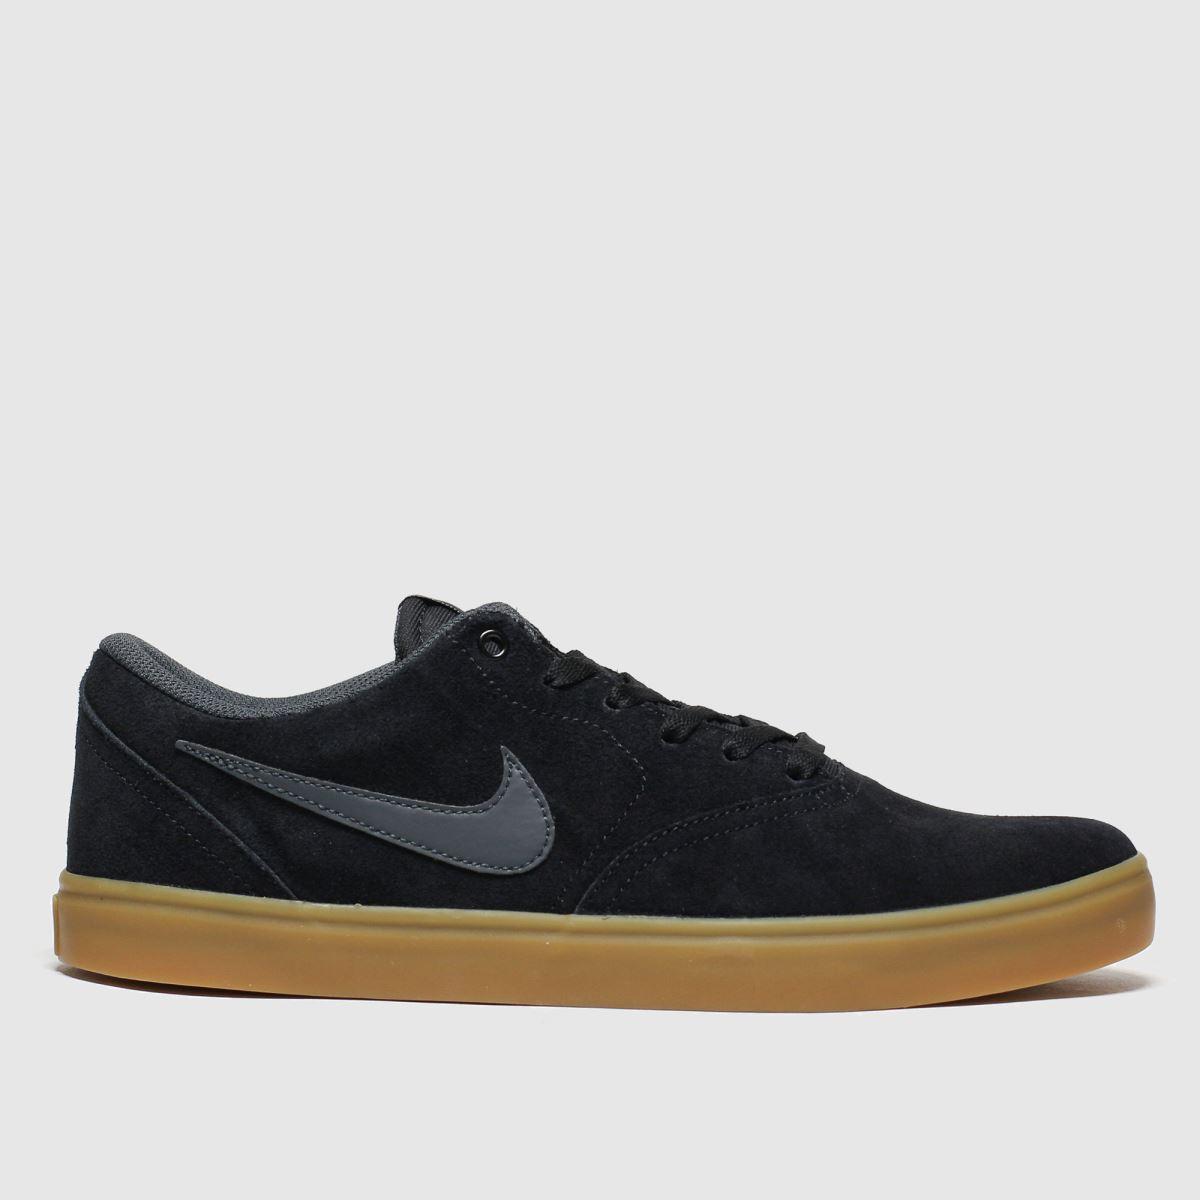 Nike SB Nike Sb Black & Brown Check Solarsoft Trainers